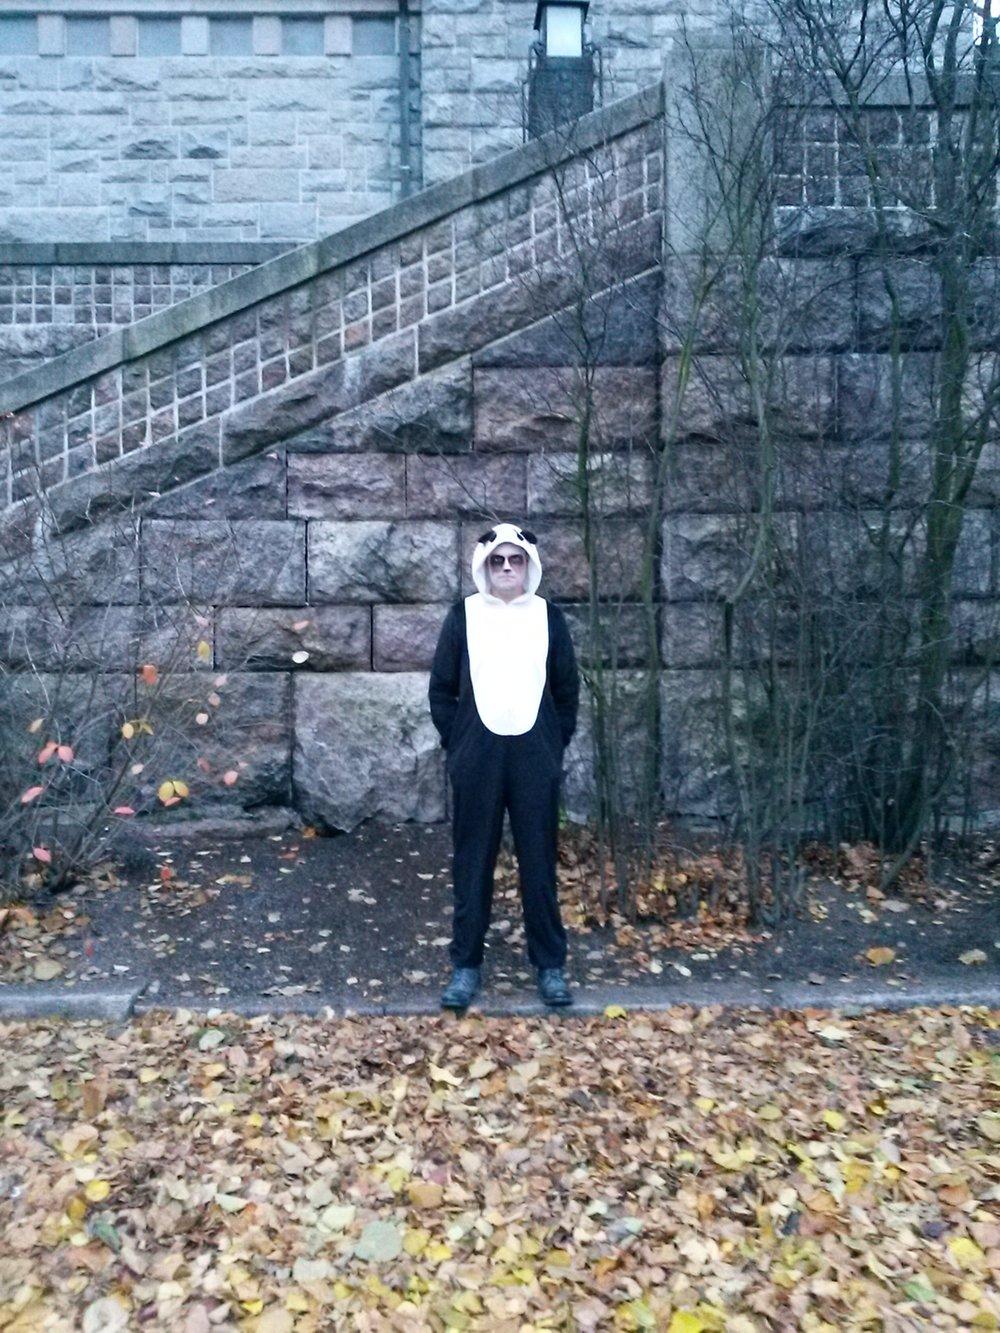 Panda, panda, näytä sarvesi, onko huomenna pouta